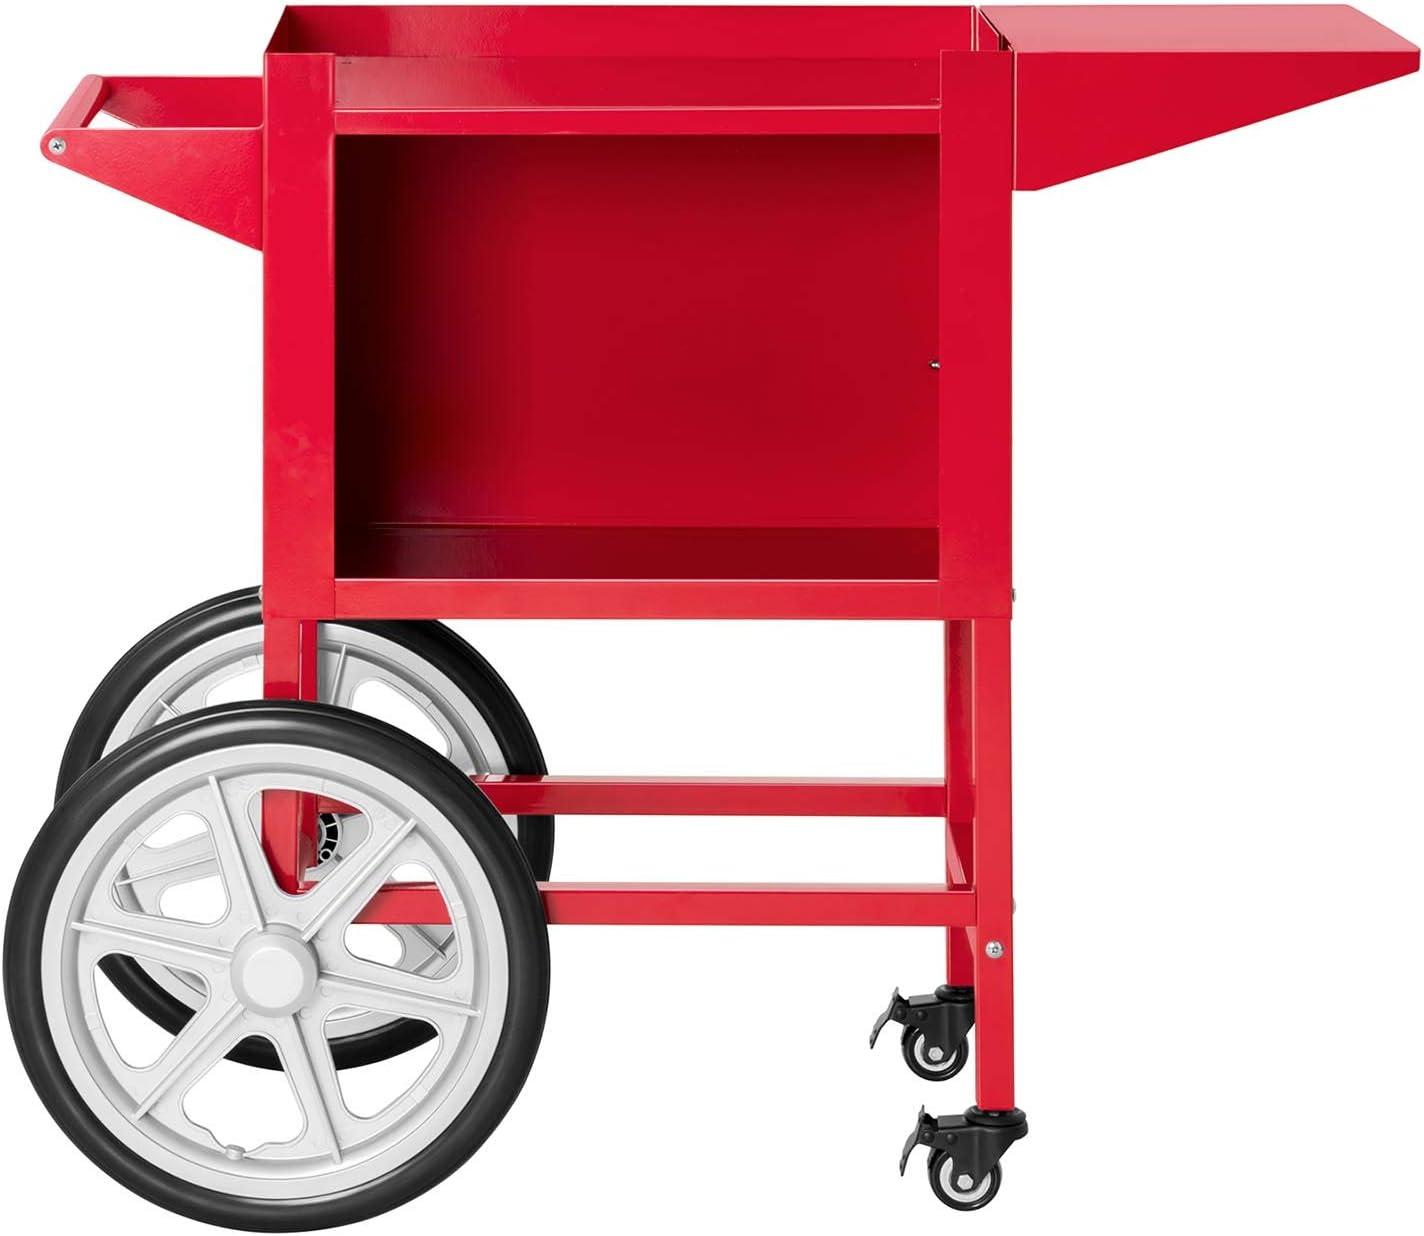 Rouge Vif, Plateaux 37 x 51 cm, Hauteur 95 cm, 2 Freins, Acier Royal Catering Chariot /À Popcorn Pour Machine Professionnelle RCPT-14